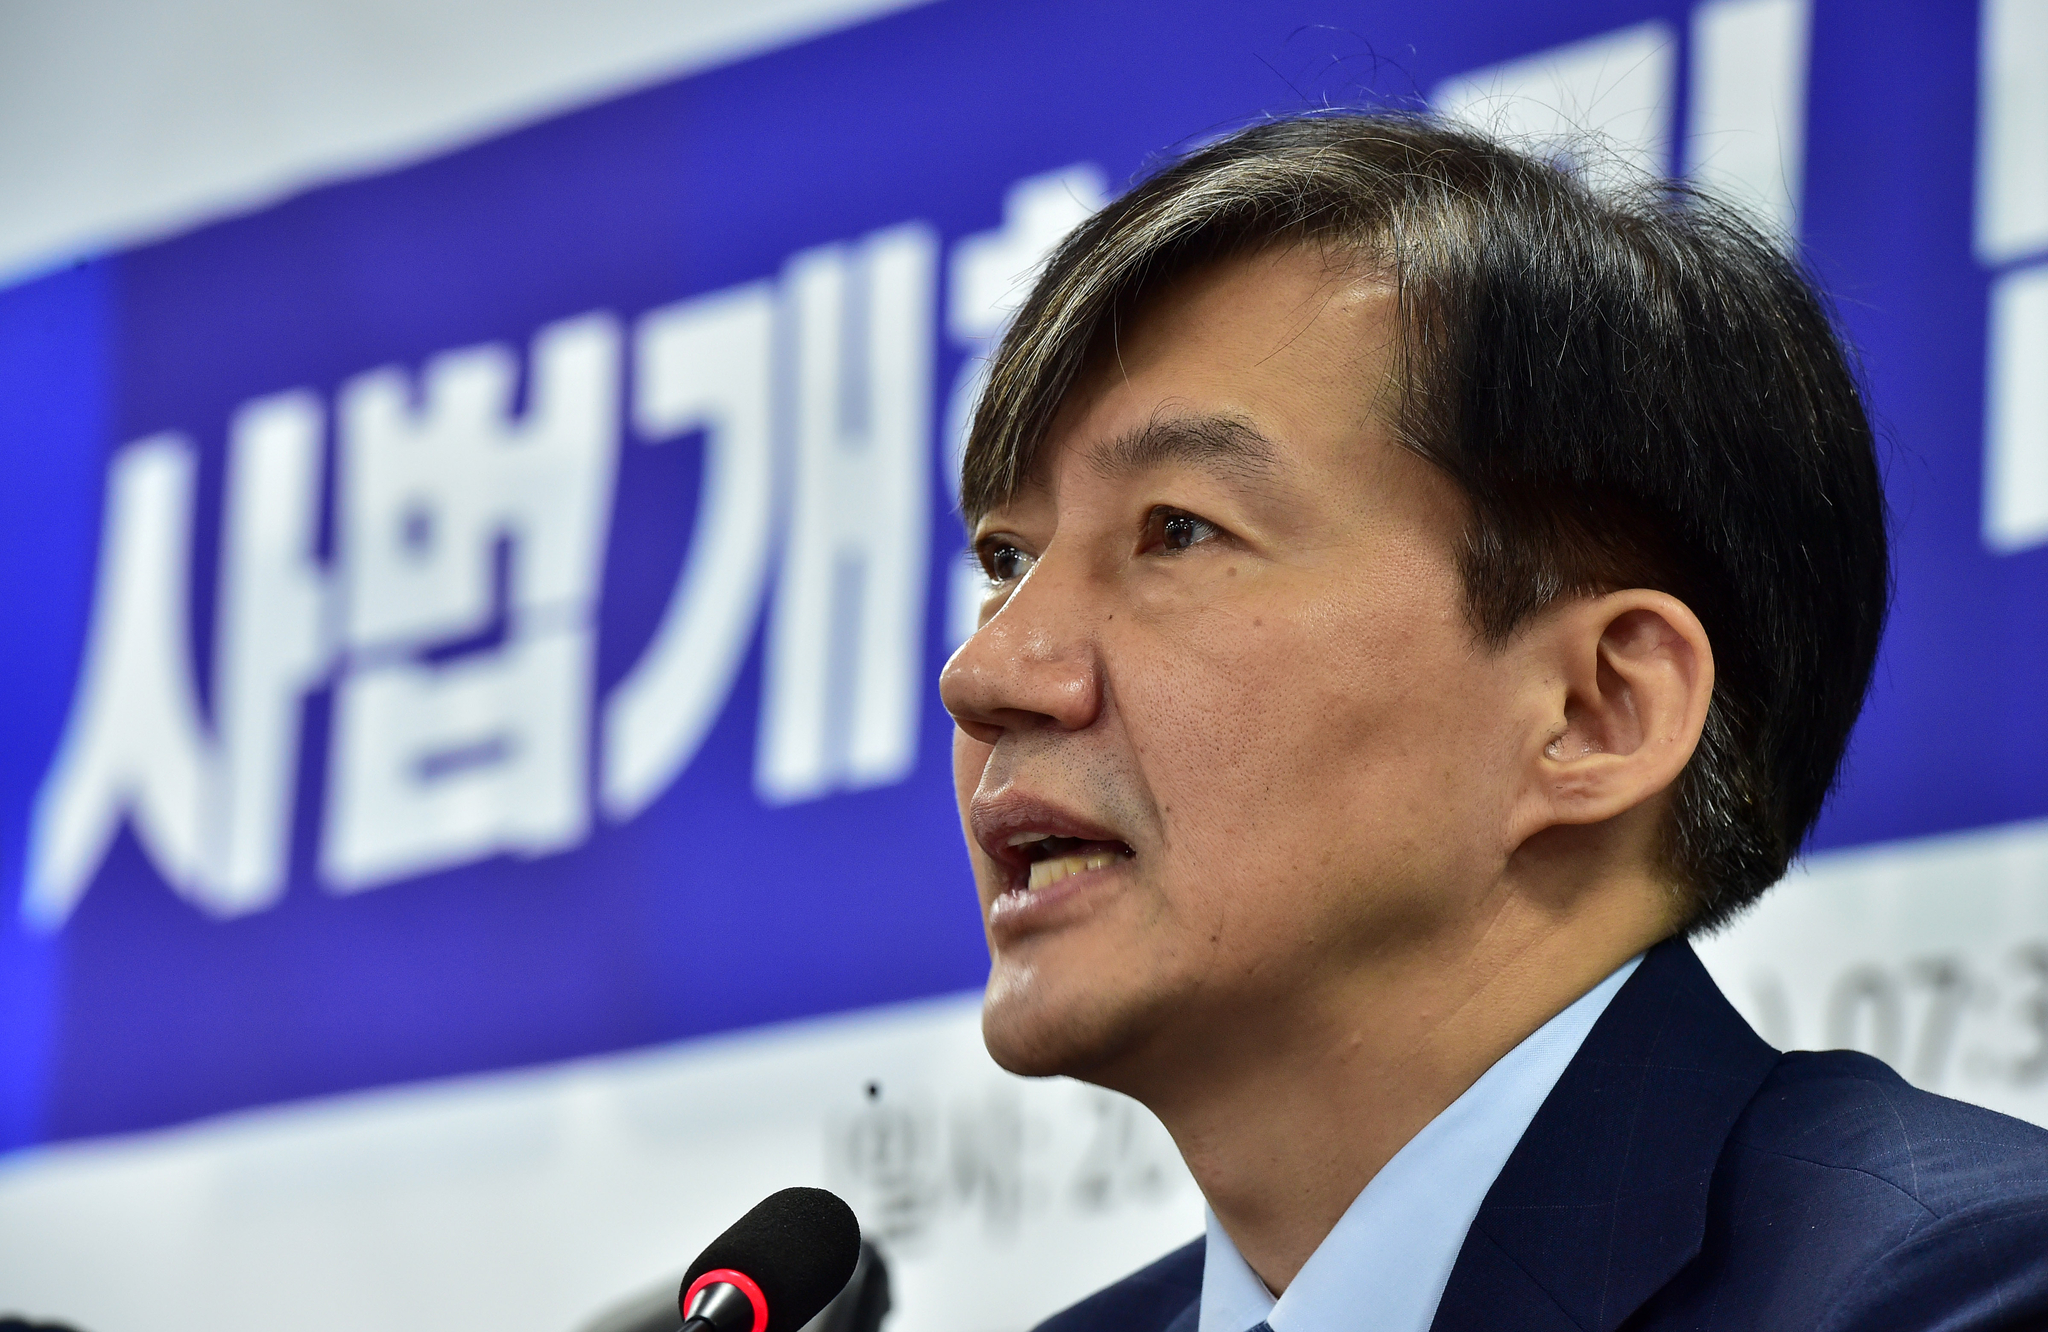 조국 법무부 장관. 김경록 기자